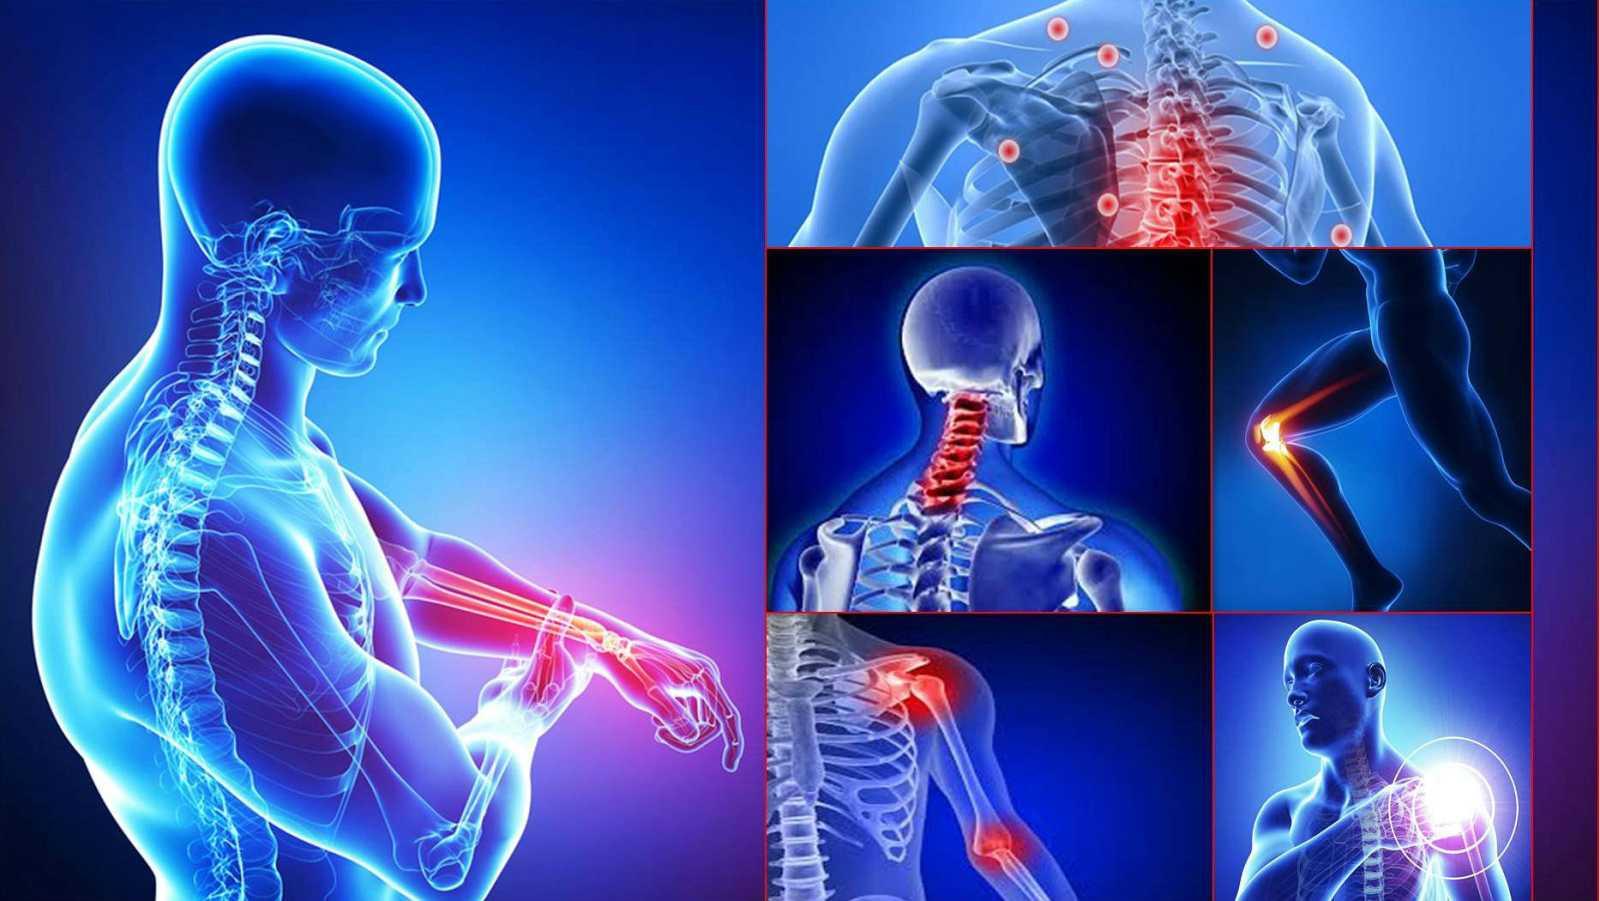 Futuro abierto - Trastornos musculoesqueléticos - 24/02/19 - escuchar ahora